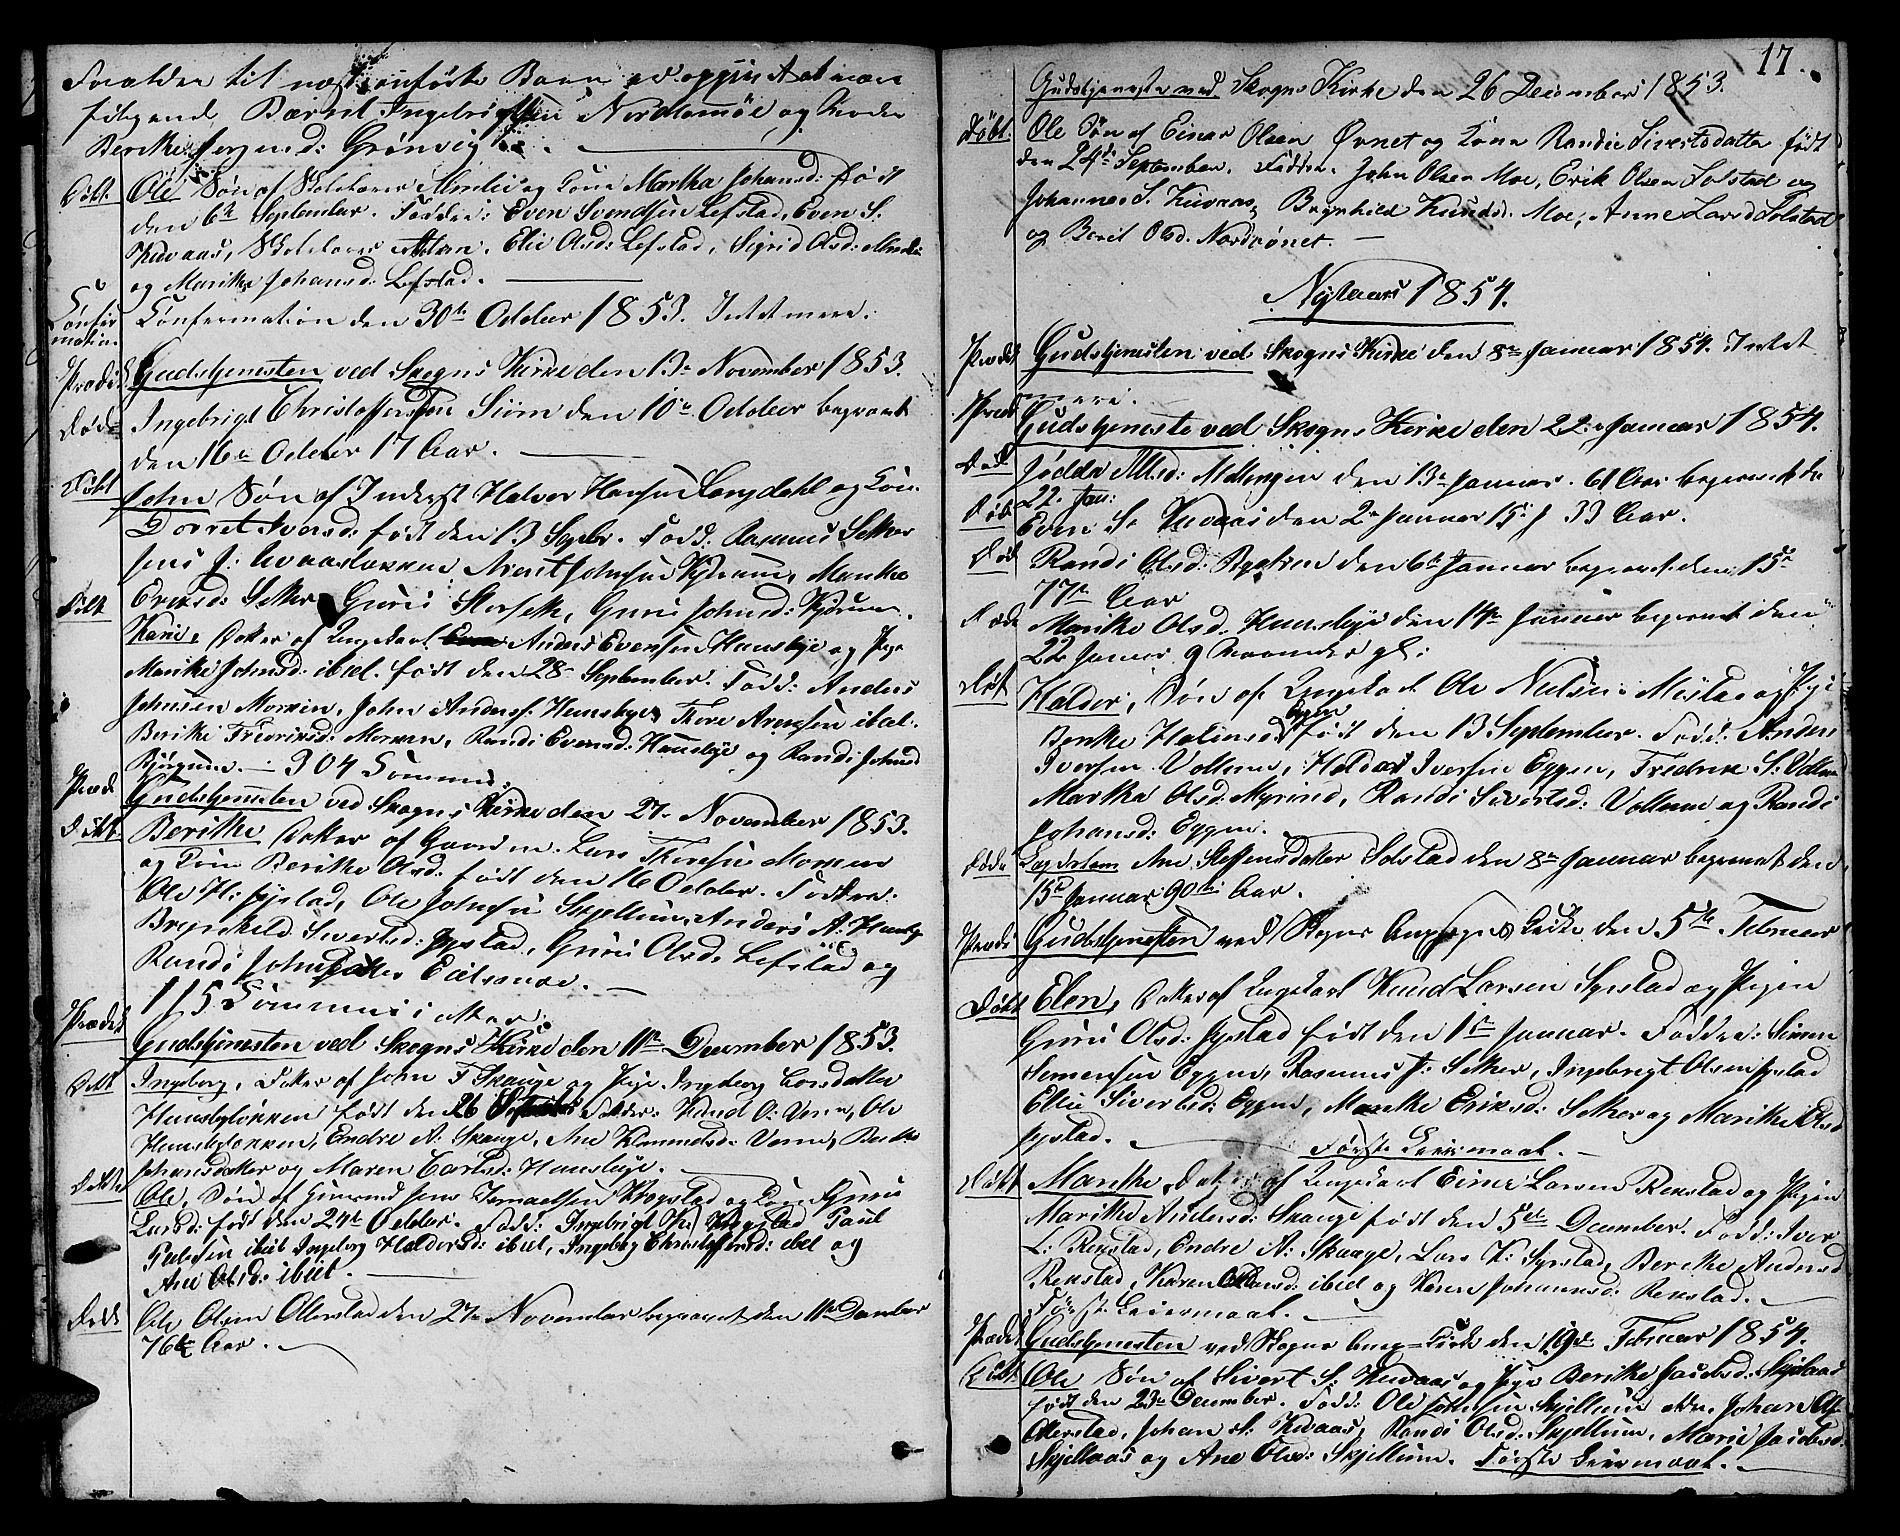 SAT, Ministerialprotokoller, klokkerbøker og fødselsregistre - Sør-Trøndelag, 667/L0797: Klokkerbok nr. 667C02, 1849-1867, s. 17